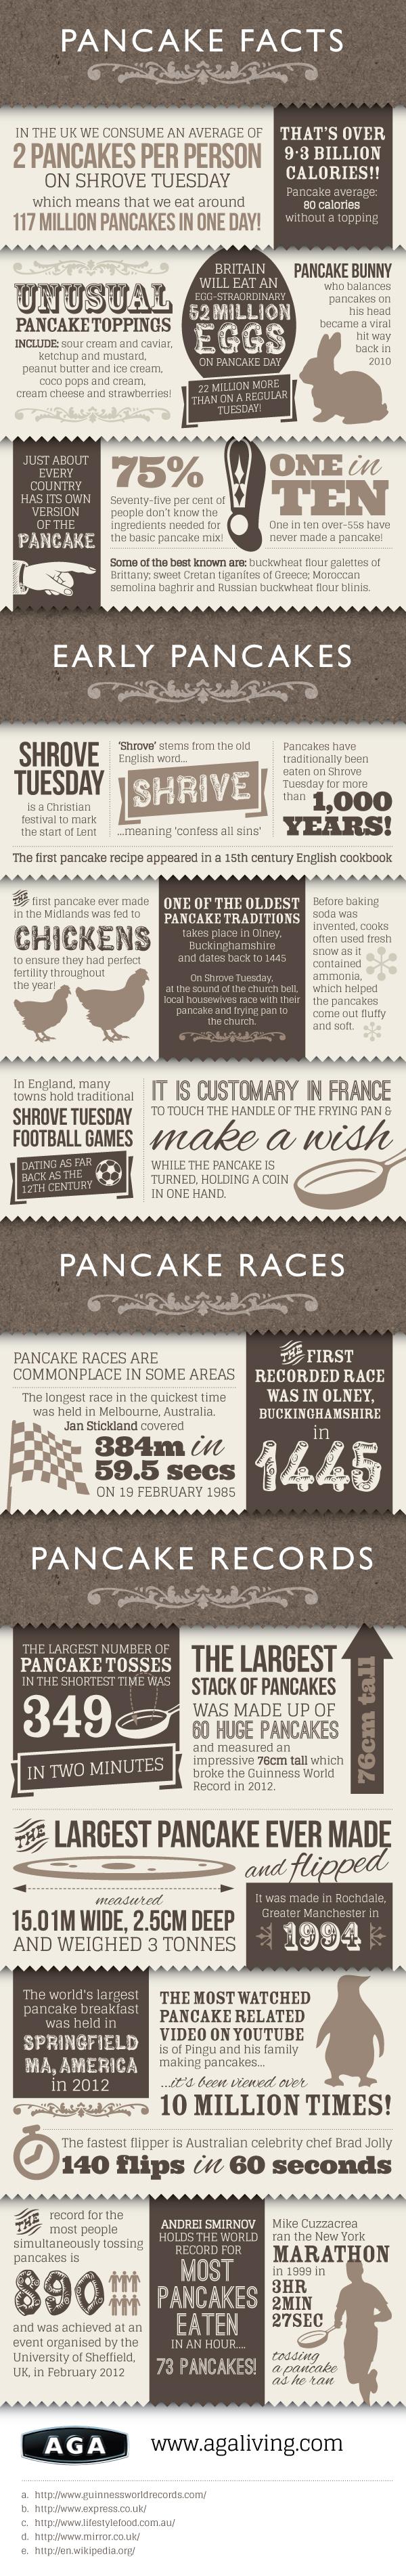 AGA Pancake Day Infographic